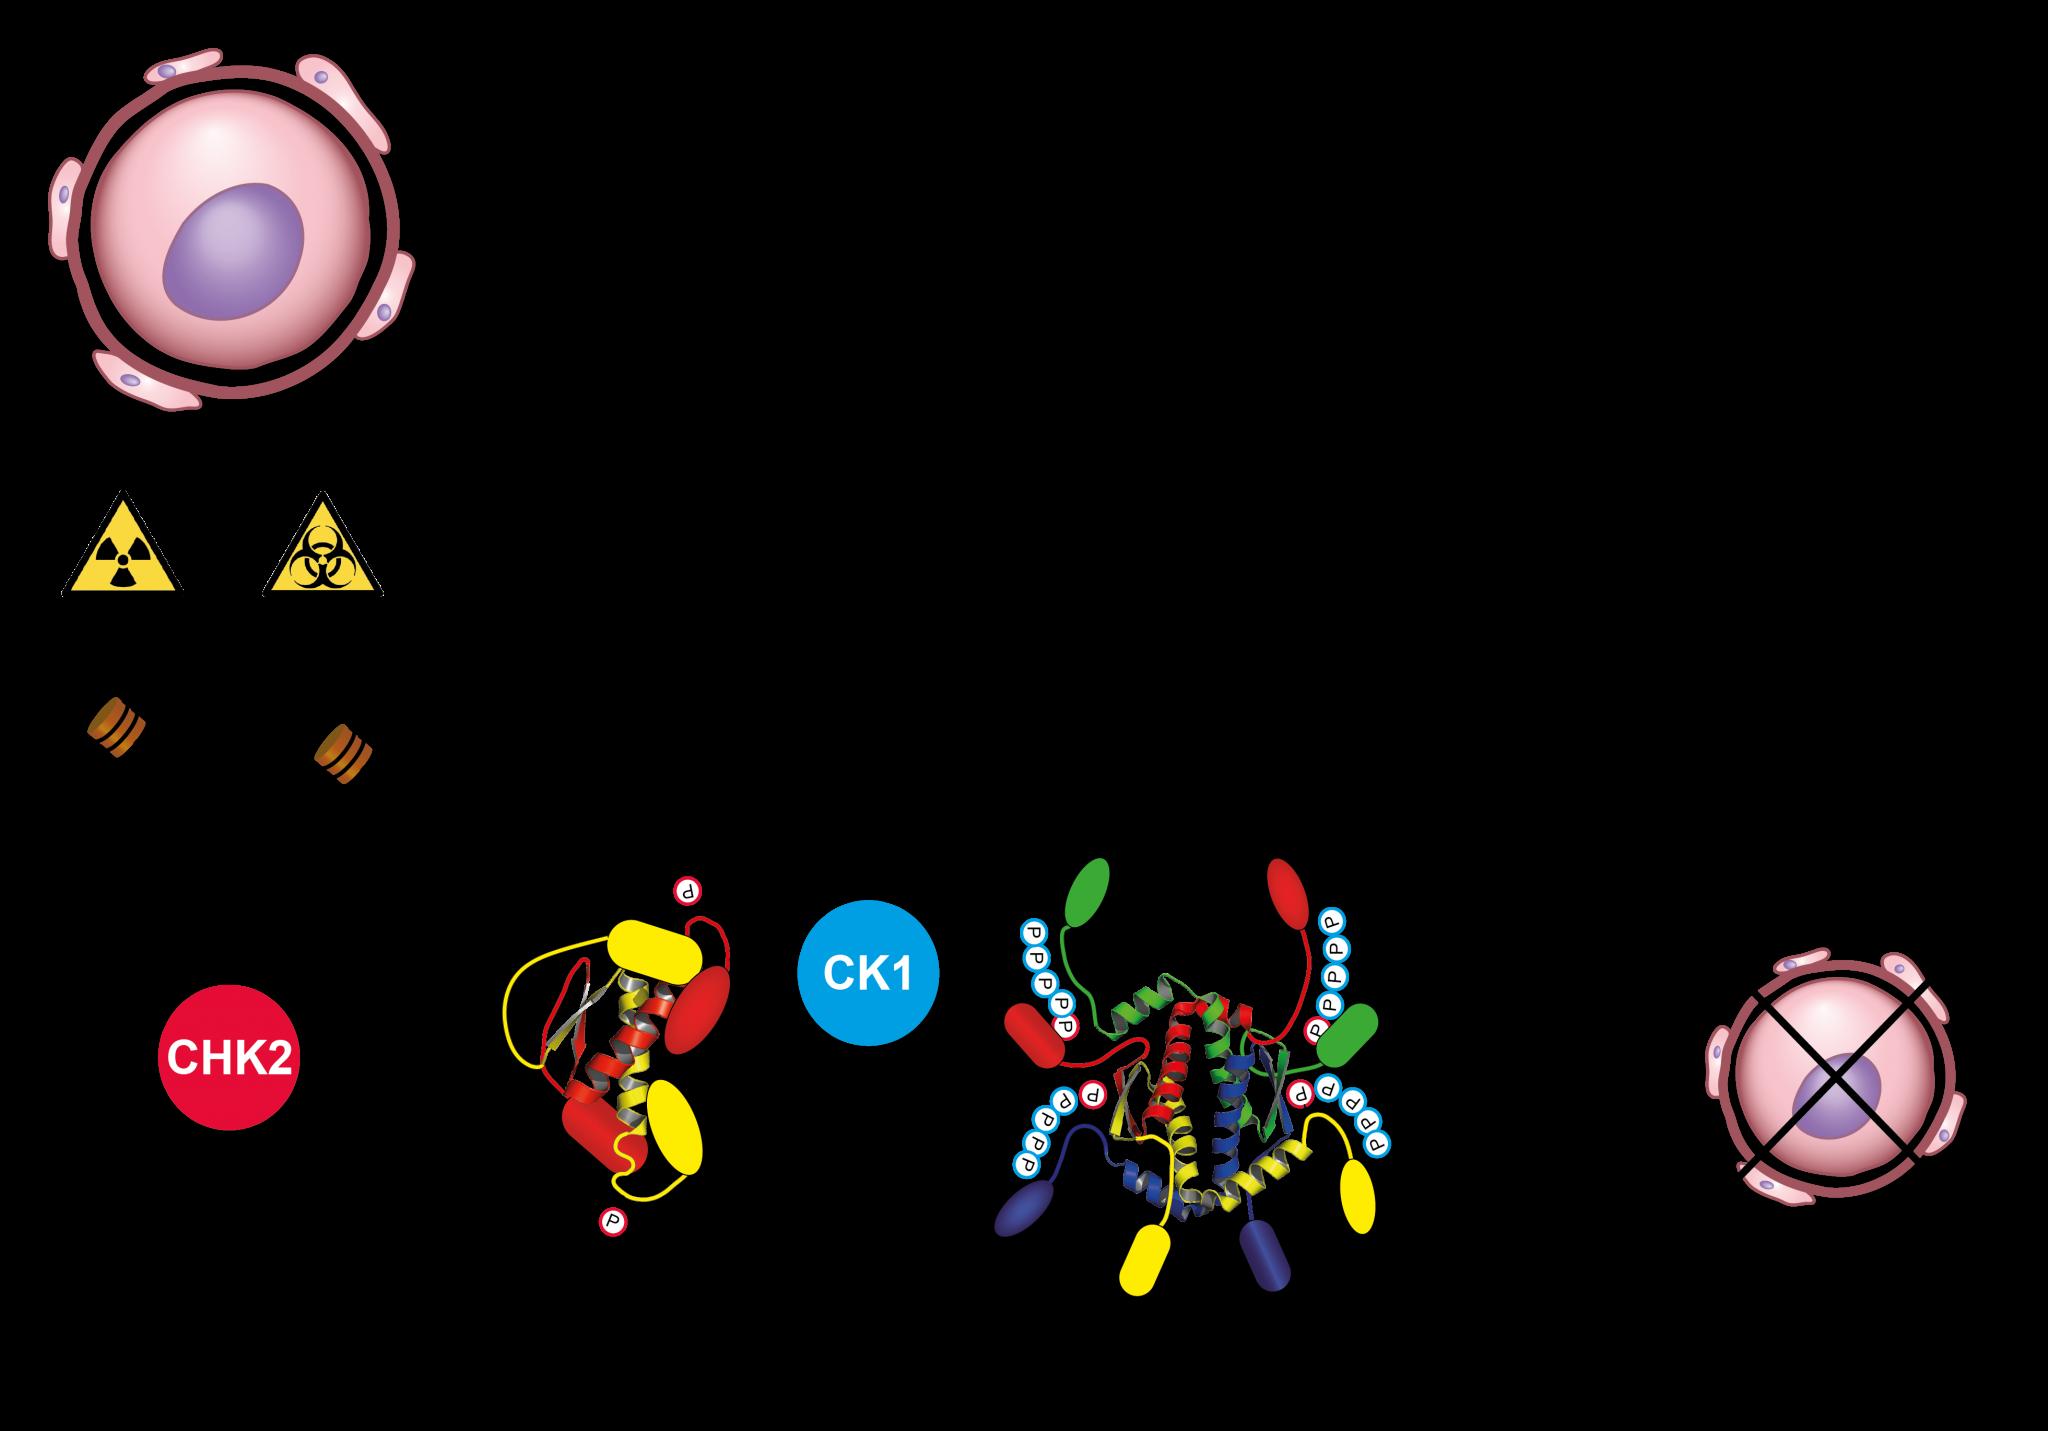 In durch Radio-/Chemotherapie geschädigten Eizellen wird das inaktive dimere p63 erst durch CHK2 modifiziert. Diese Modifikation dient dann als Erkennungssequenz für CK1, welches weitere Stellen in p63 phosphoryliert und damit die Tetramerisierung und Aktivierung bewirkt. Aktives p63 leitet im Anschluss die Apoptose von Eizellen ein. Quelle: Modifiziert von Tuppi et al. DOI: 10.1038/s41594-018-0035-7